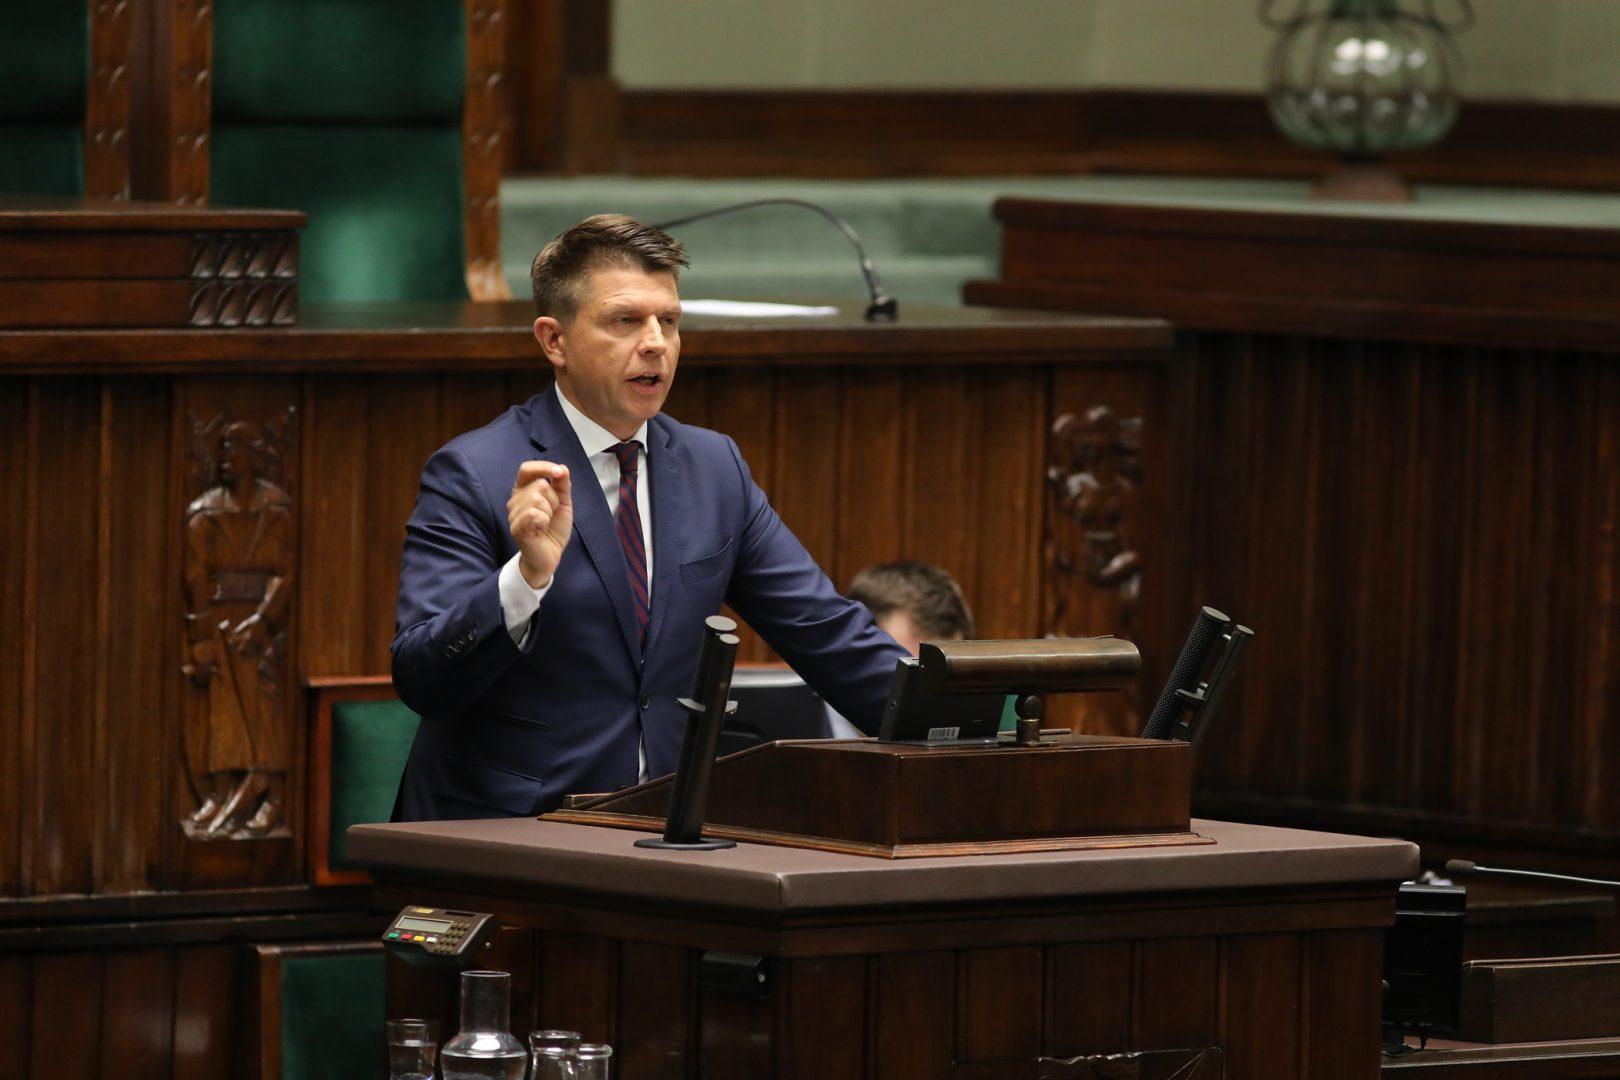 Ryszard Petru/Fot. Rafał Zambrzycki/Kancelaria Sejmu RP/CC BY 2.0/Flickr